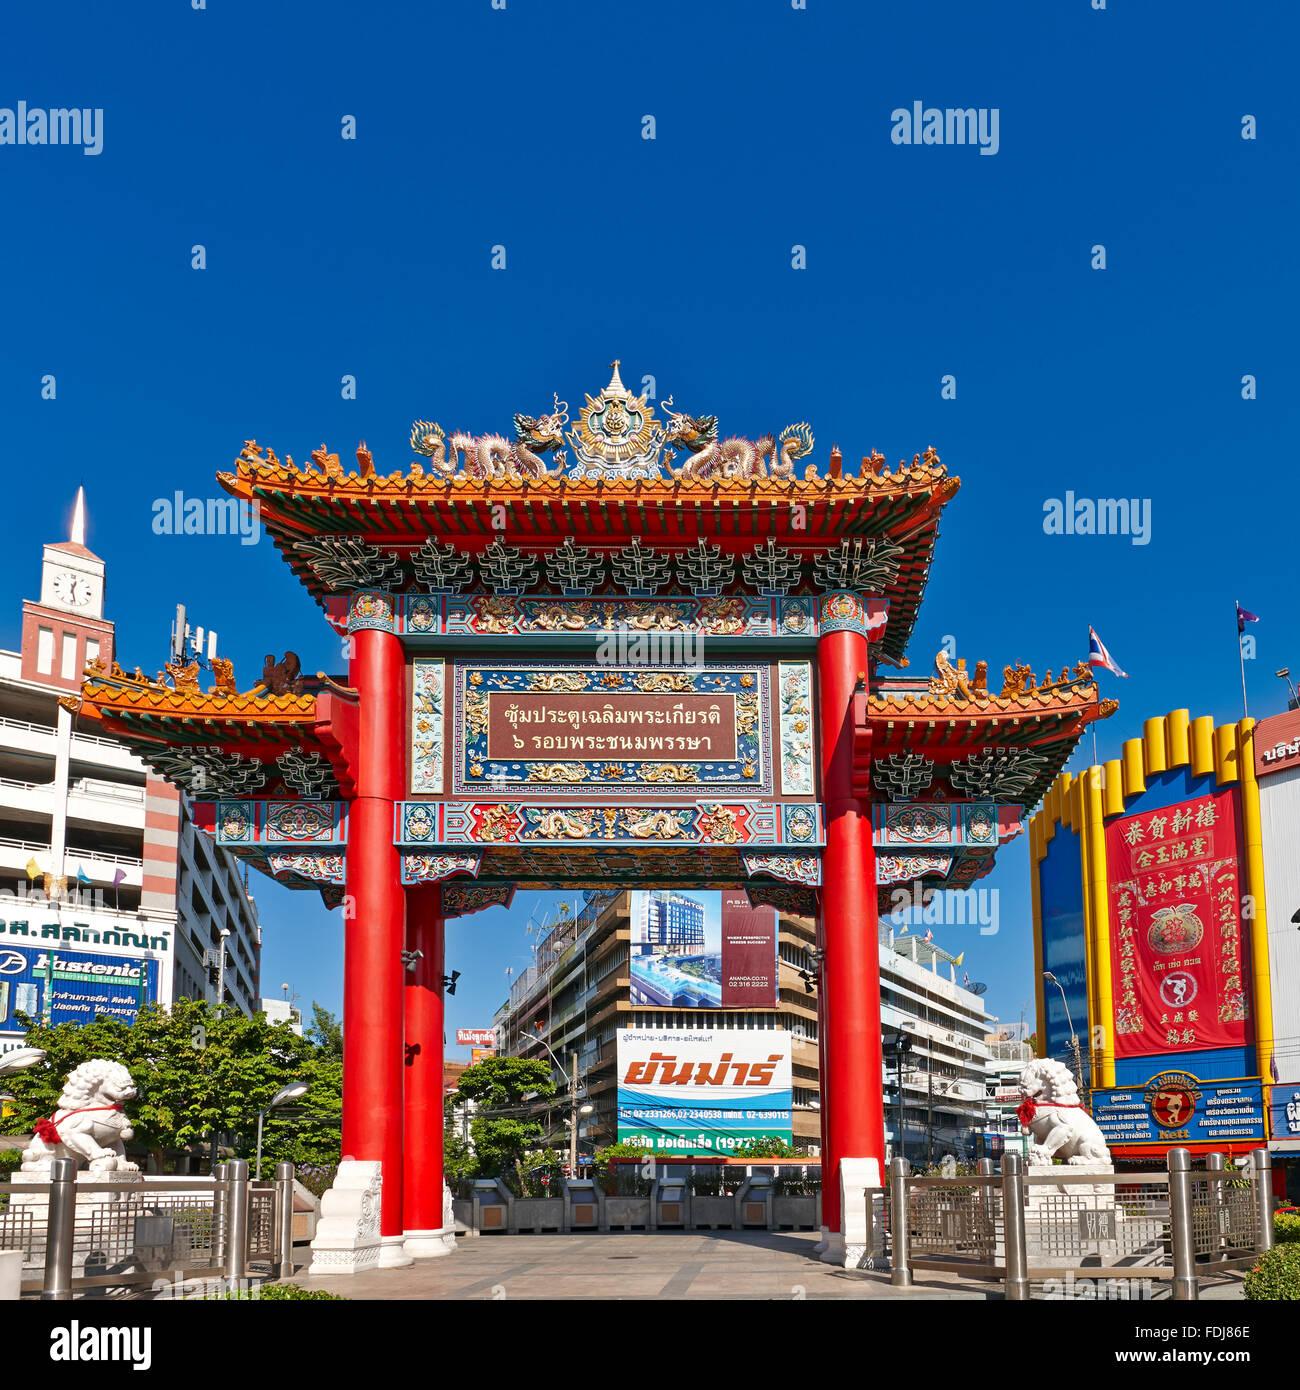 Re della celebrazione Arch, Chinatown, Bangkok, Thailandia. Immagini Stock